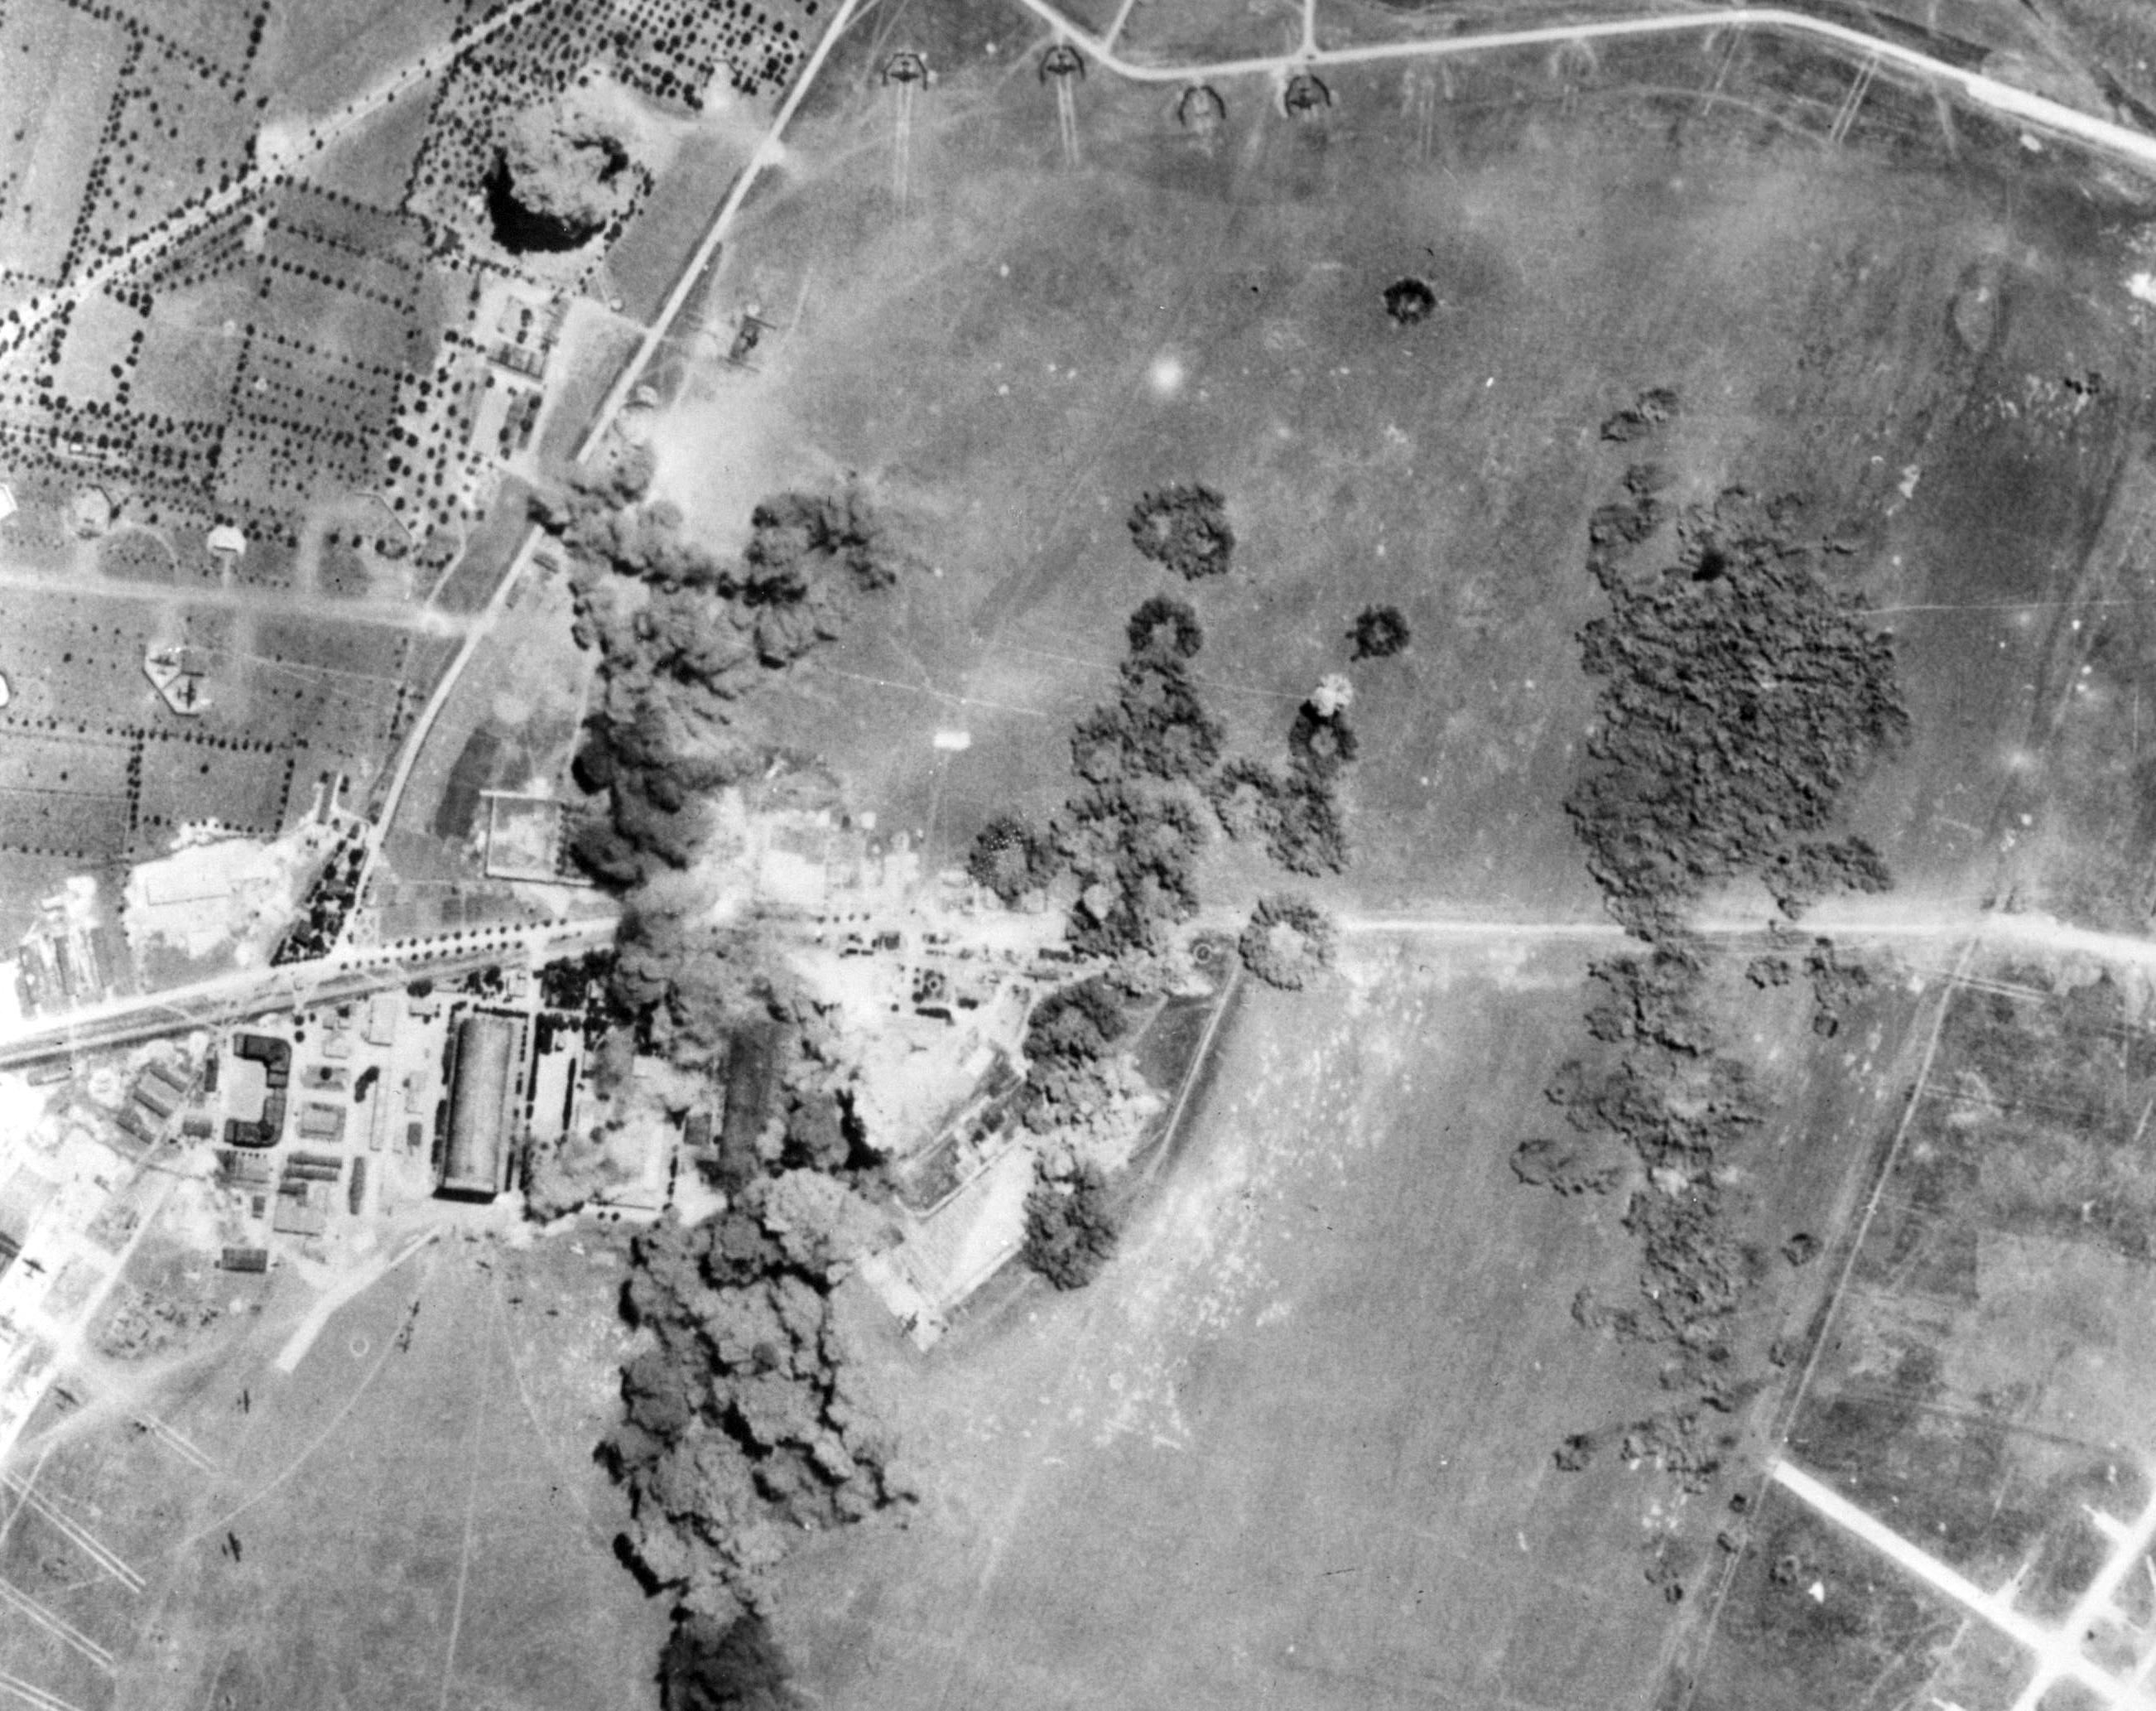 5-GrottaglieField-1943-UnderAttack